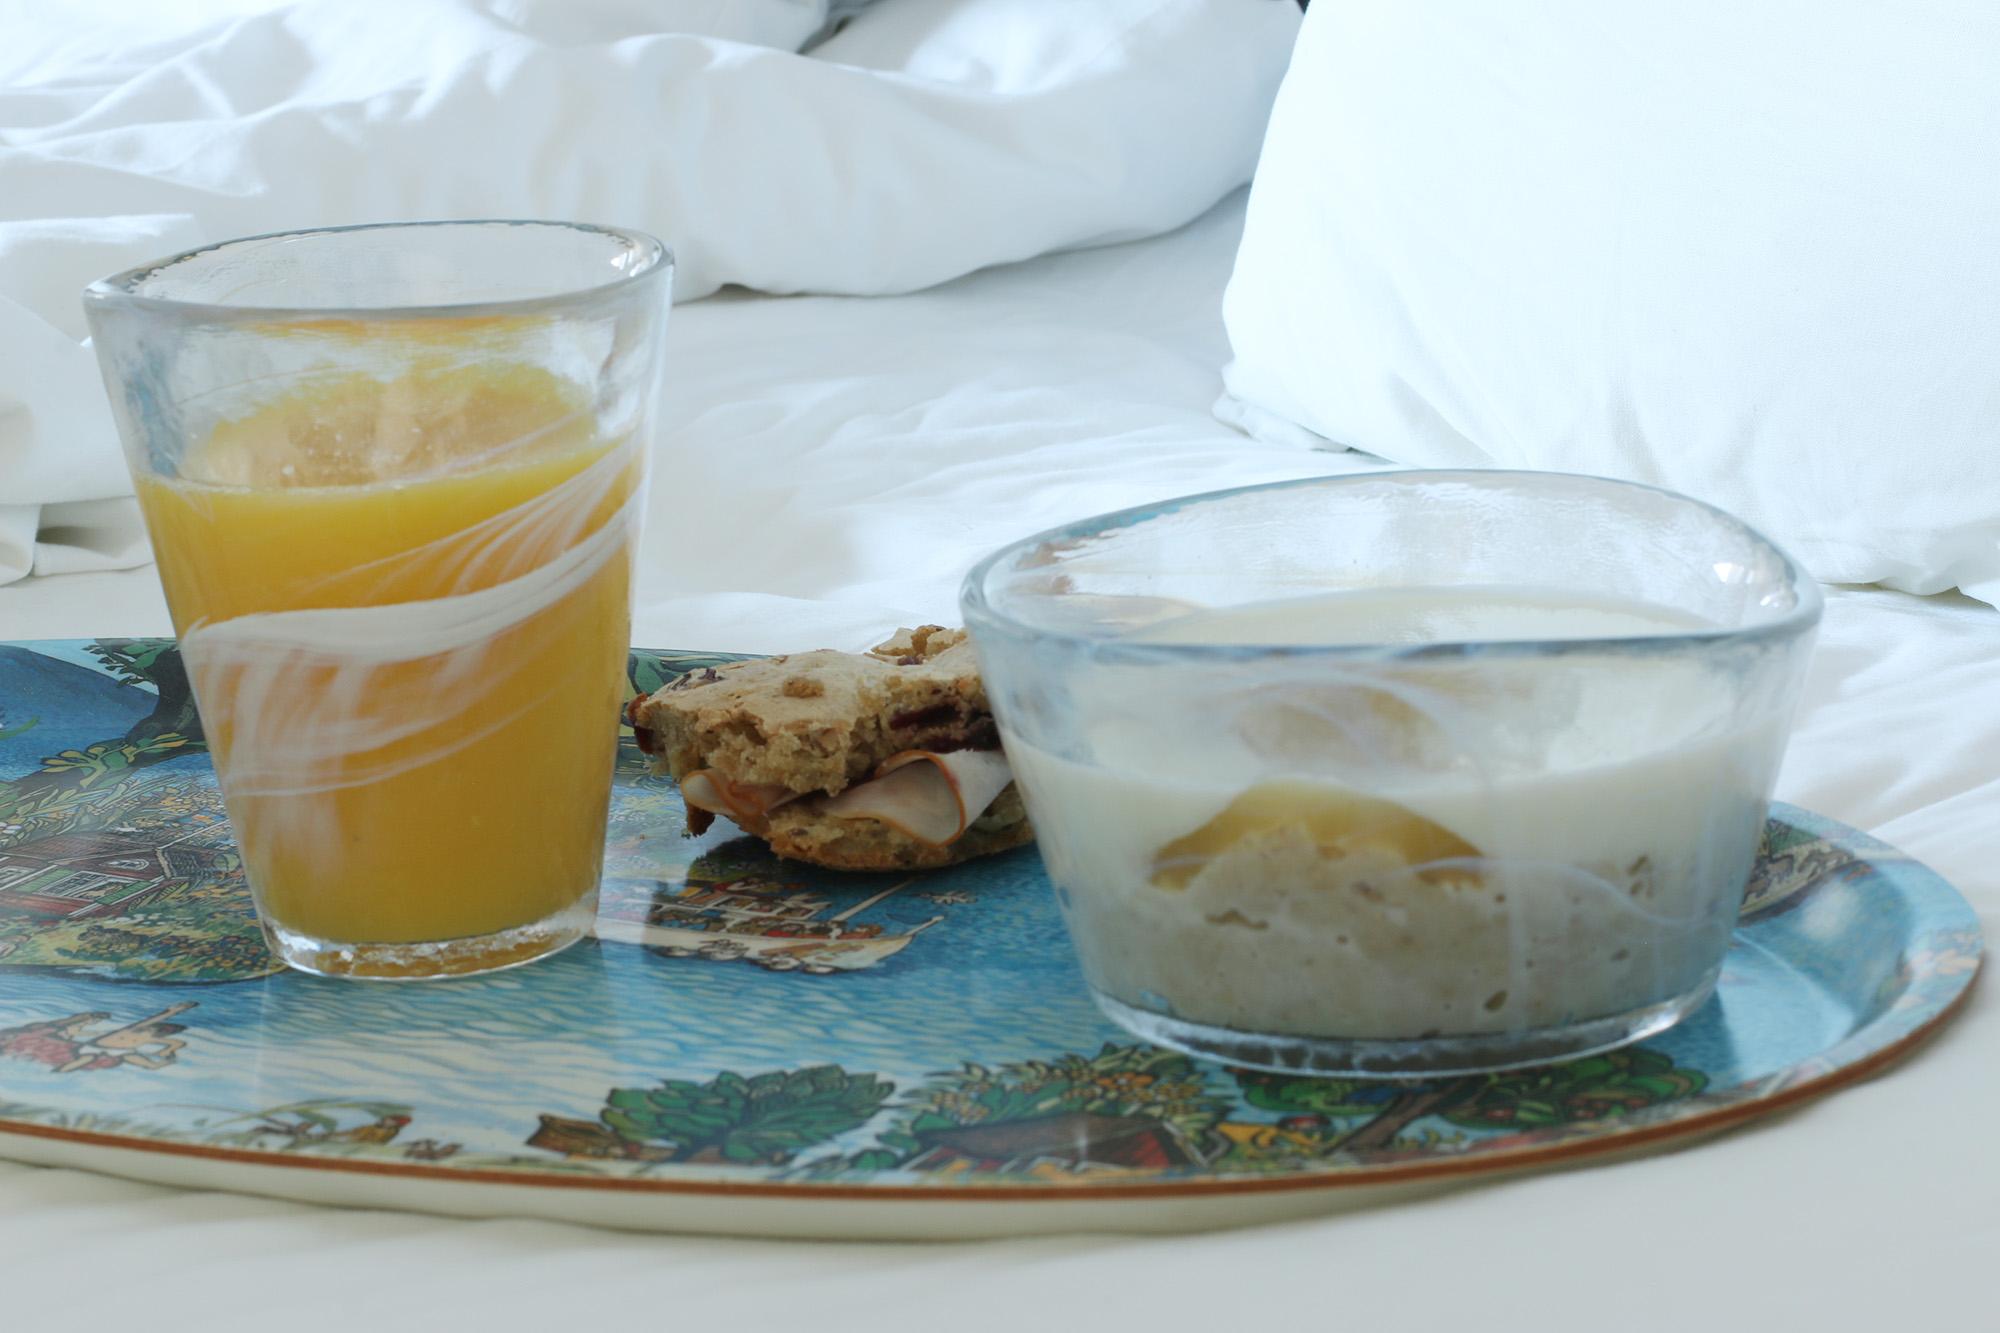 IMG_9975 frukost på sängen.